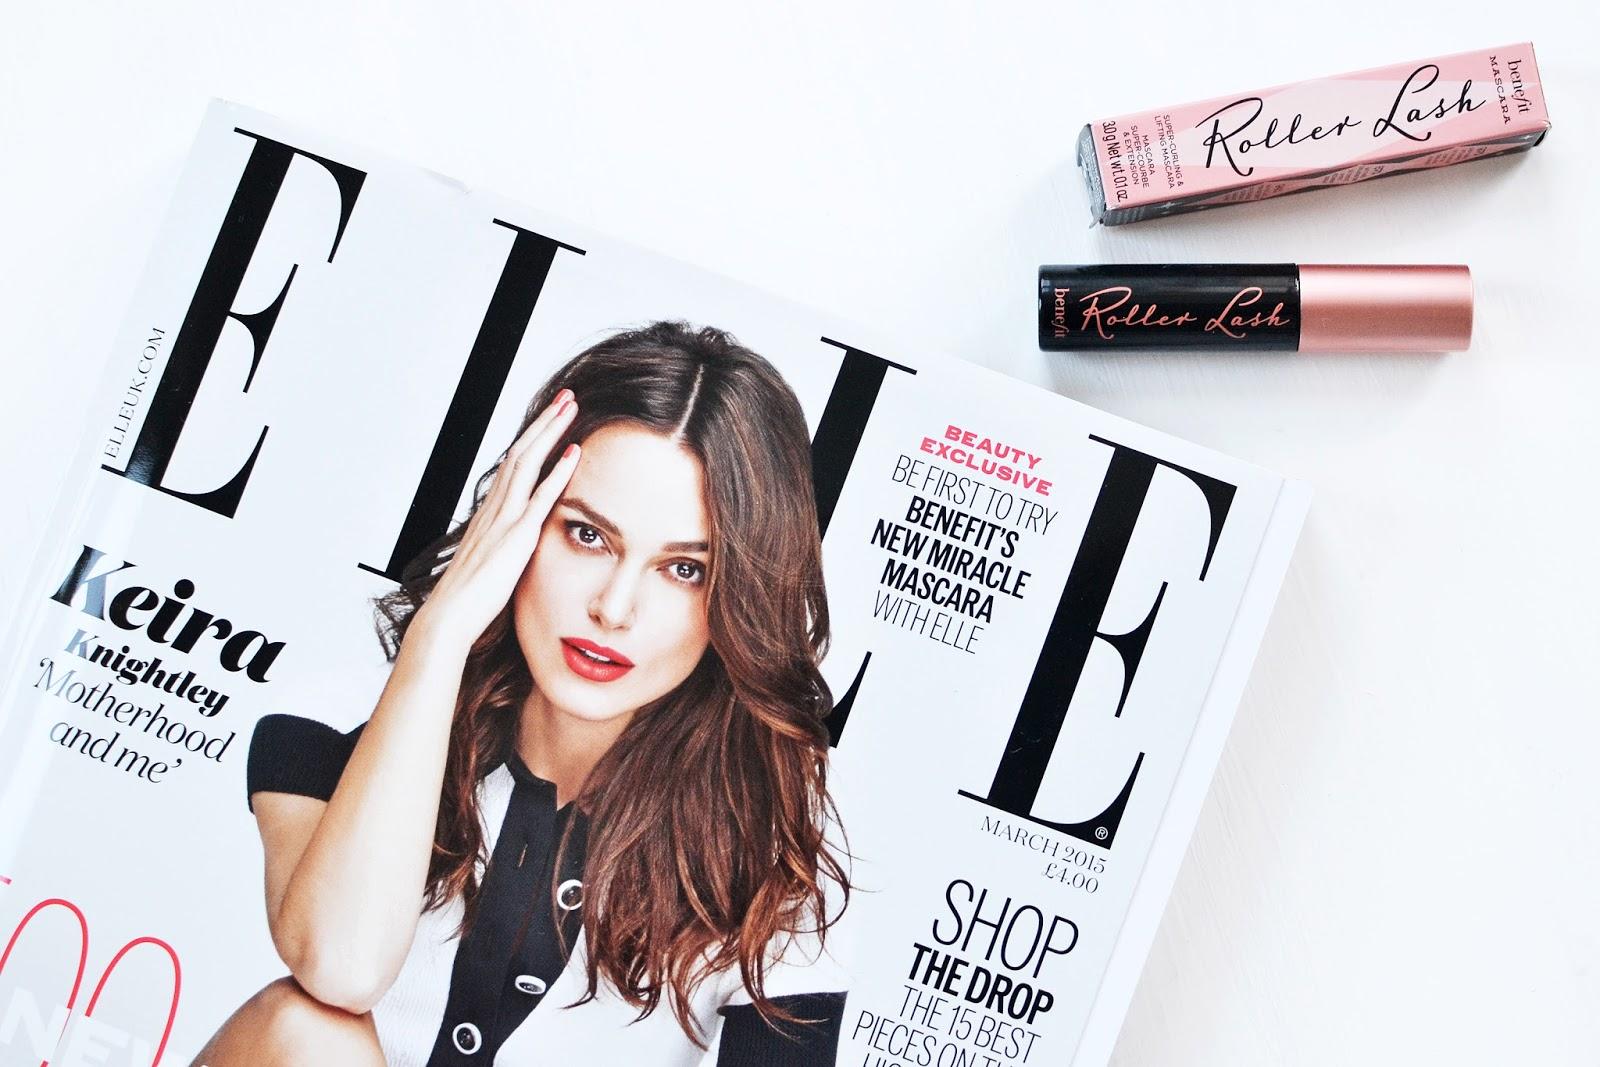 Benefit's Roller Lash Mascara, benefit roller lash, benefit cosmetics roller lash, elle magazine